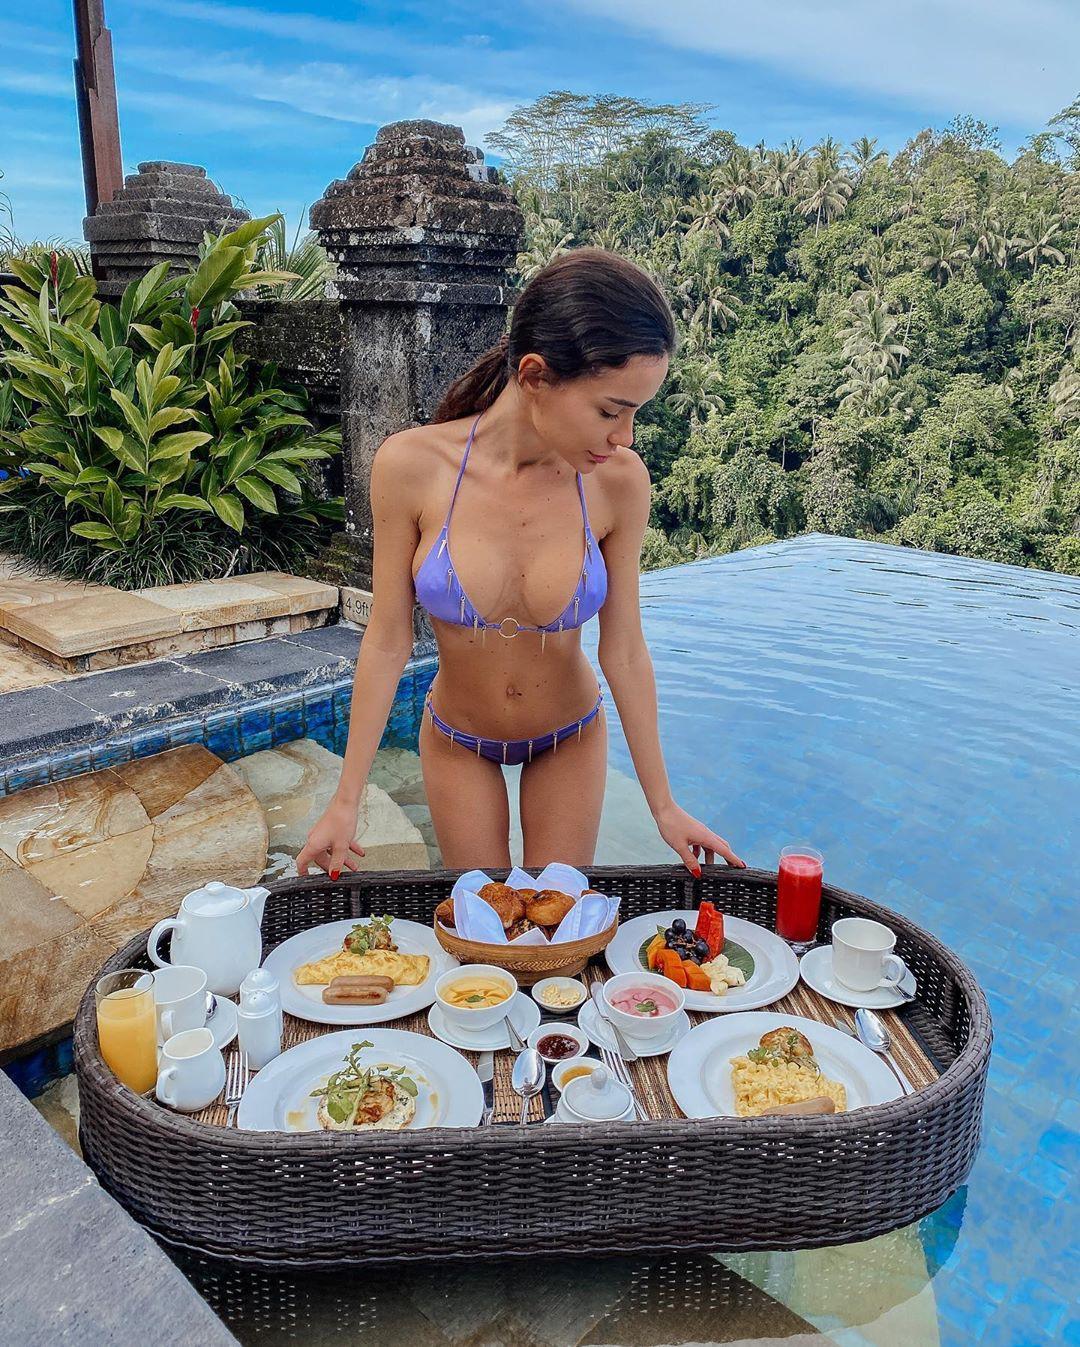 Ekaterina Zueva bikini swimwear classy outfit, recreation